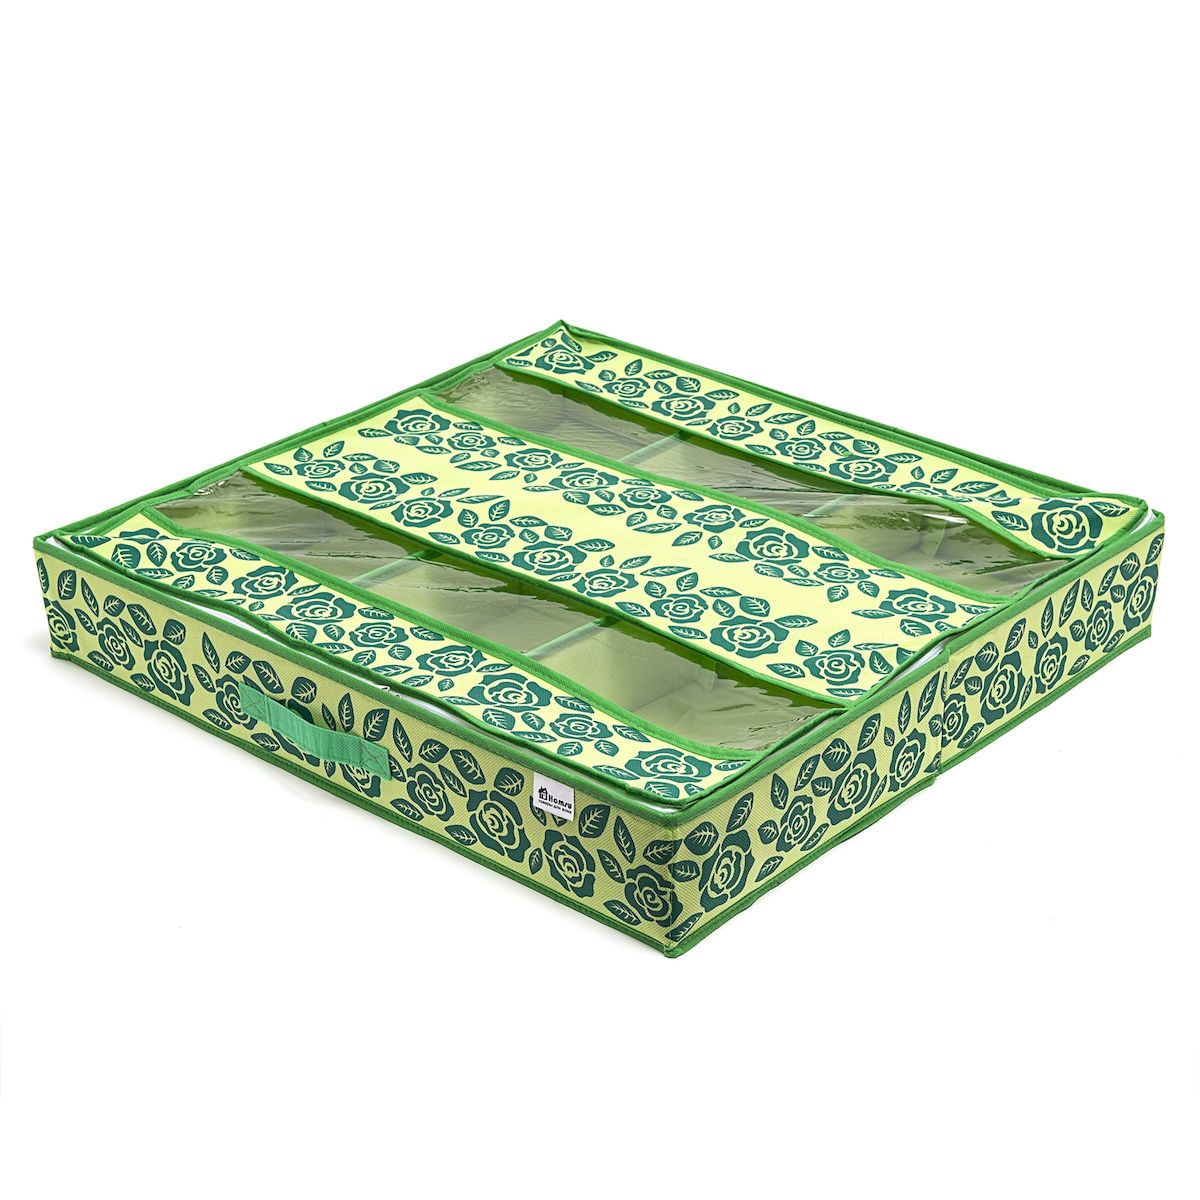 Органайзер для обуви Homsu Green Flower, 66 х 63 х 11 смHOM-382Органайзер для обуви Homsu Green Flower изготовлен из 100% полиэстера. Экономичная замена пластиковым пакетам и громоздким коробкам. Органайзер закрывается на молнию. Имеется ручка для удобной переноски. Внутри органайзер разделен на 6 отделений для обуви. Внутренние секции можно моделировать под размеры обуви, например высокие сапоги. Органайзер плоский, удобно хранить под кроватью или диваном.Размер: 66 х 63 х 11 см.